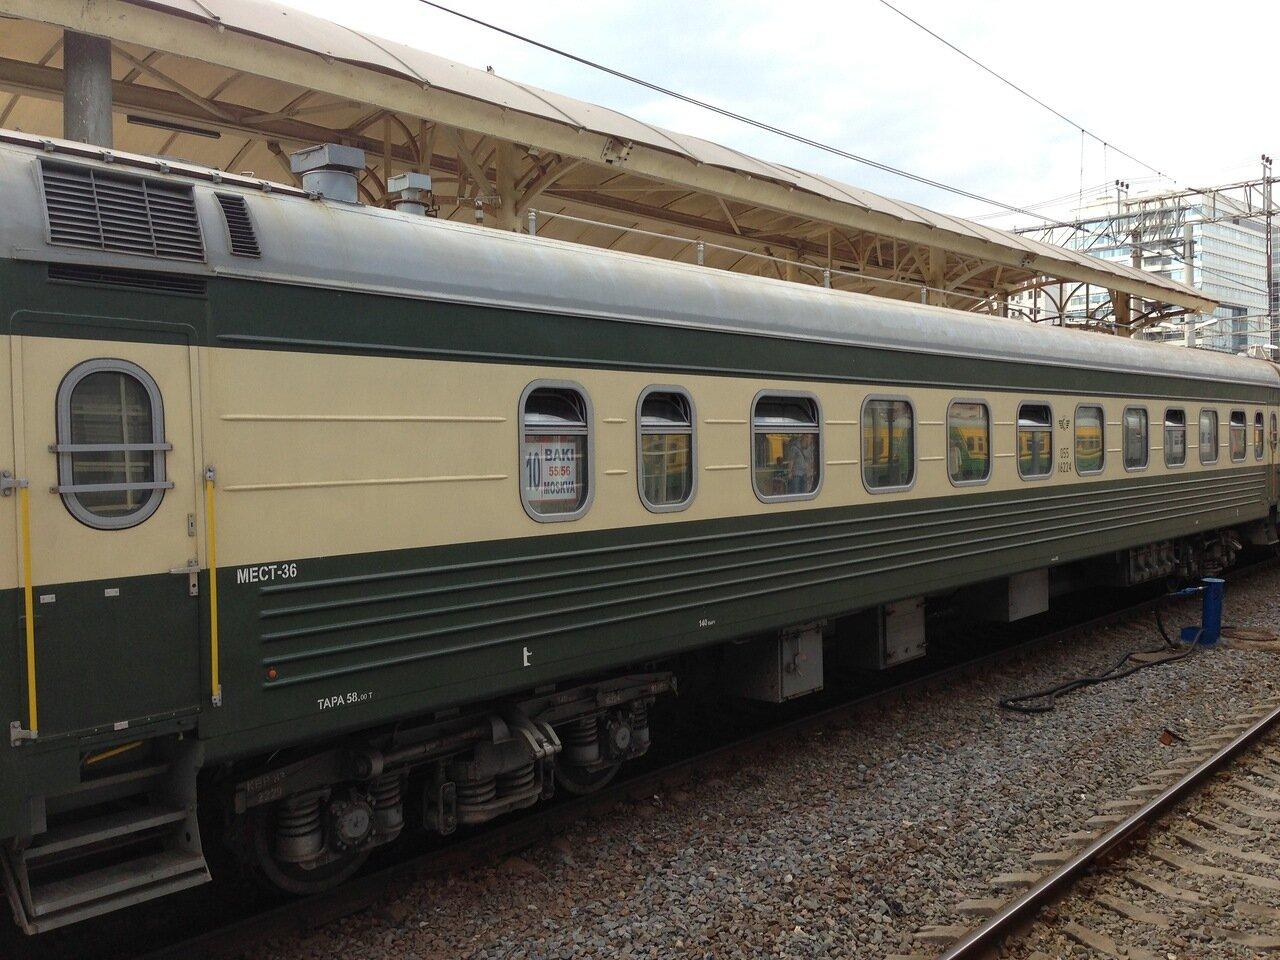 Баку - Москва: расписание поездов - Poezdato net